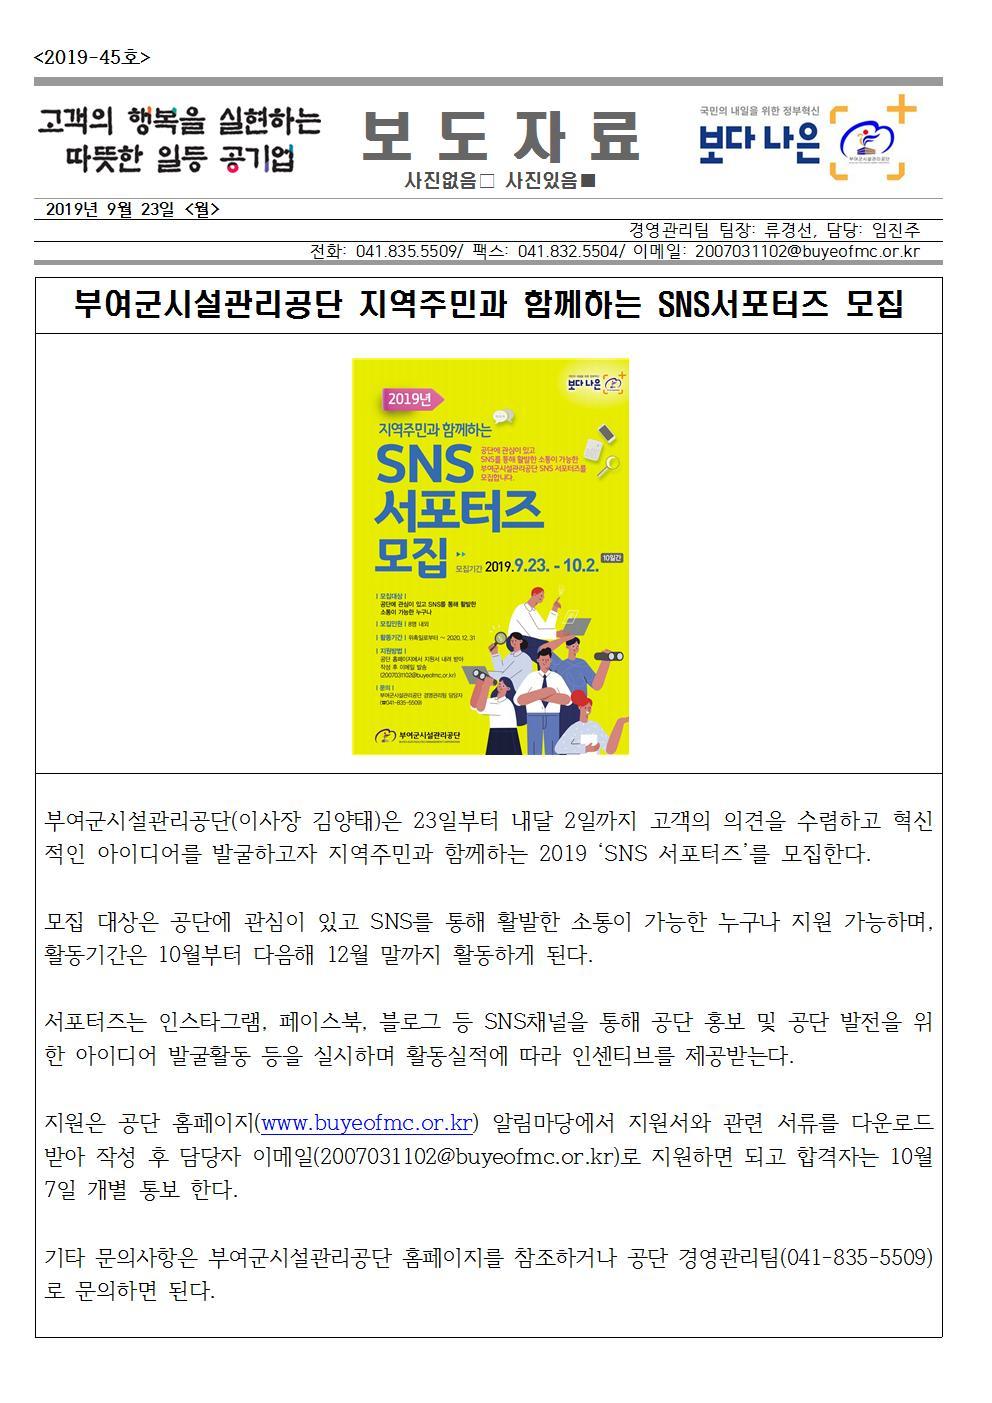 2019-45(경영관리팀)001.jpg